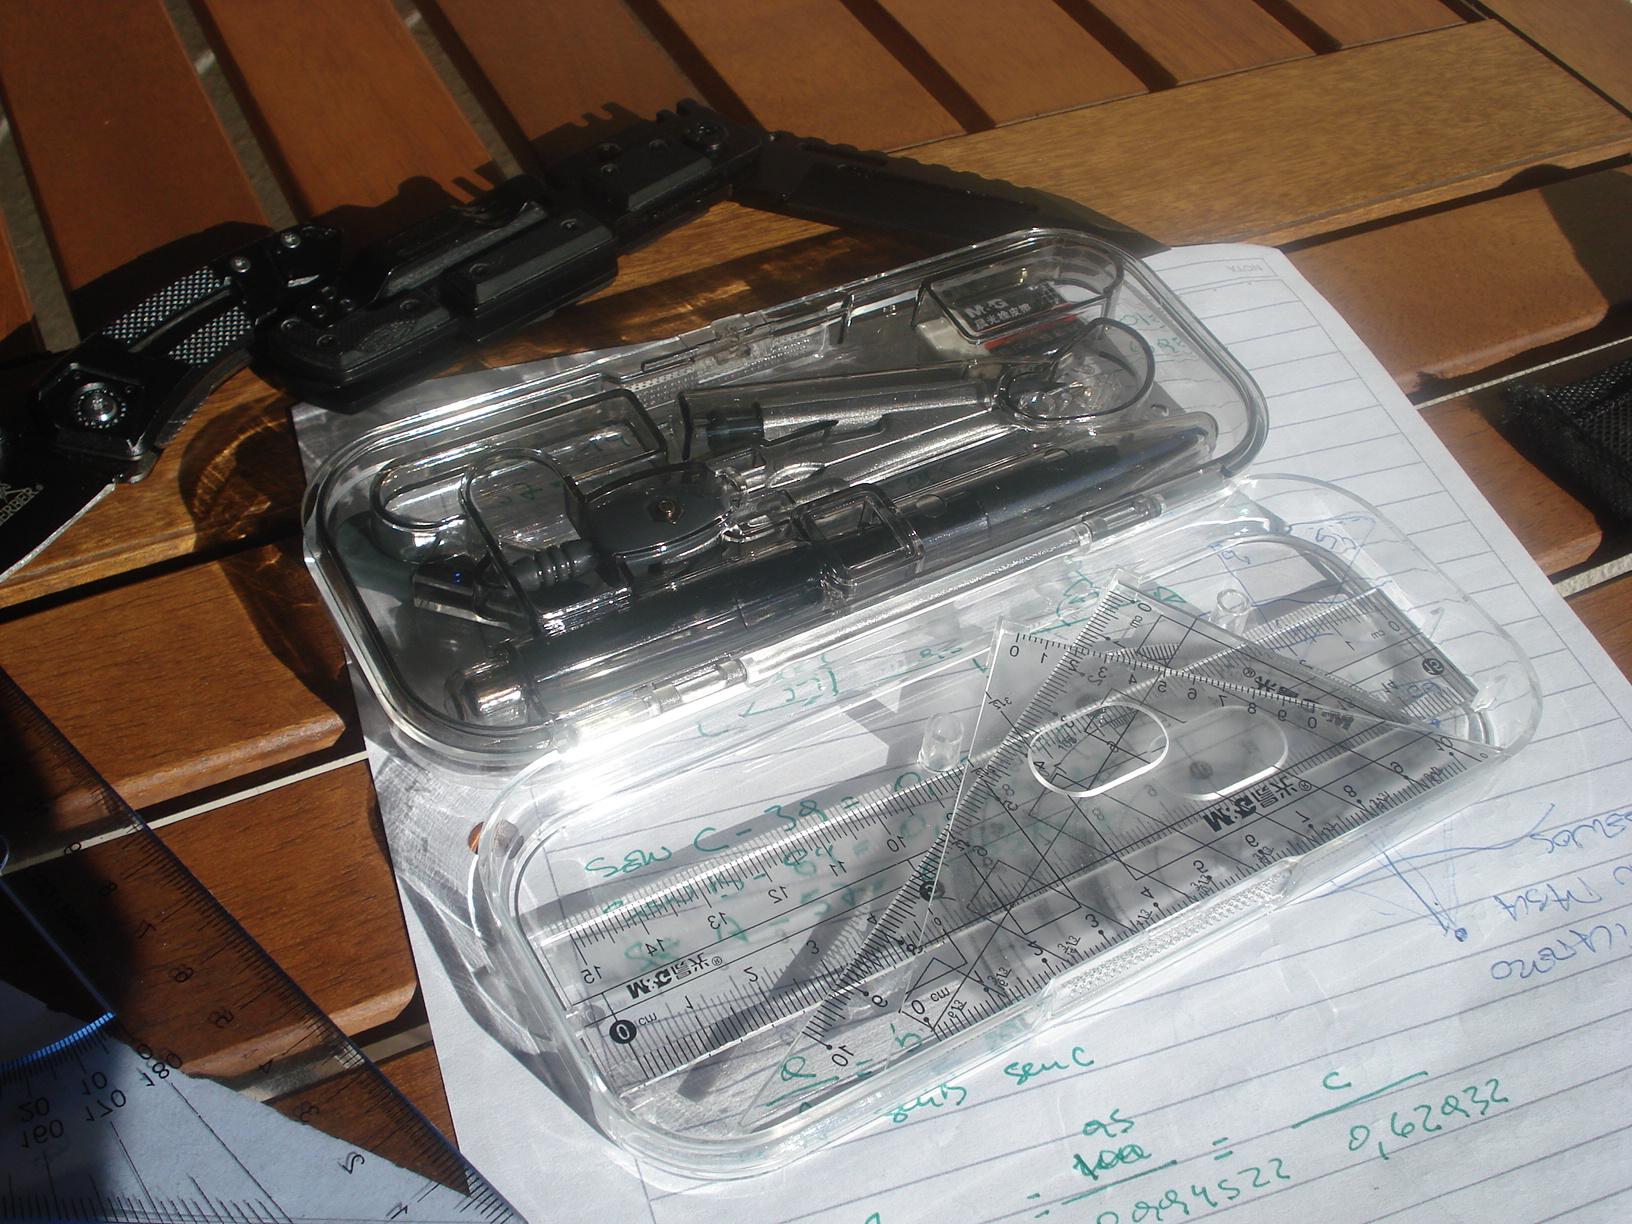 Un pequeño kit de brújulas, protractors (compases) y reglas de escala... y algo más. DSC00449